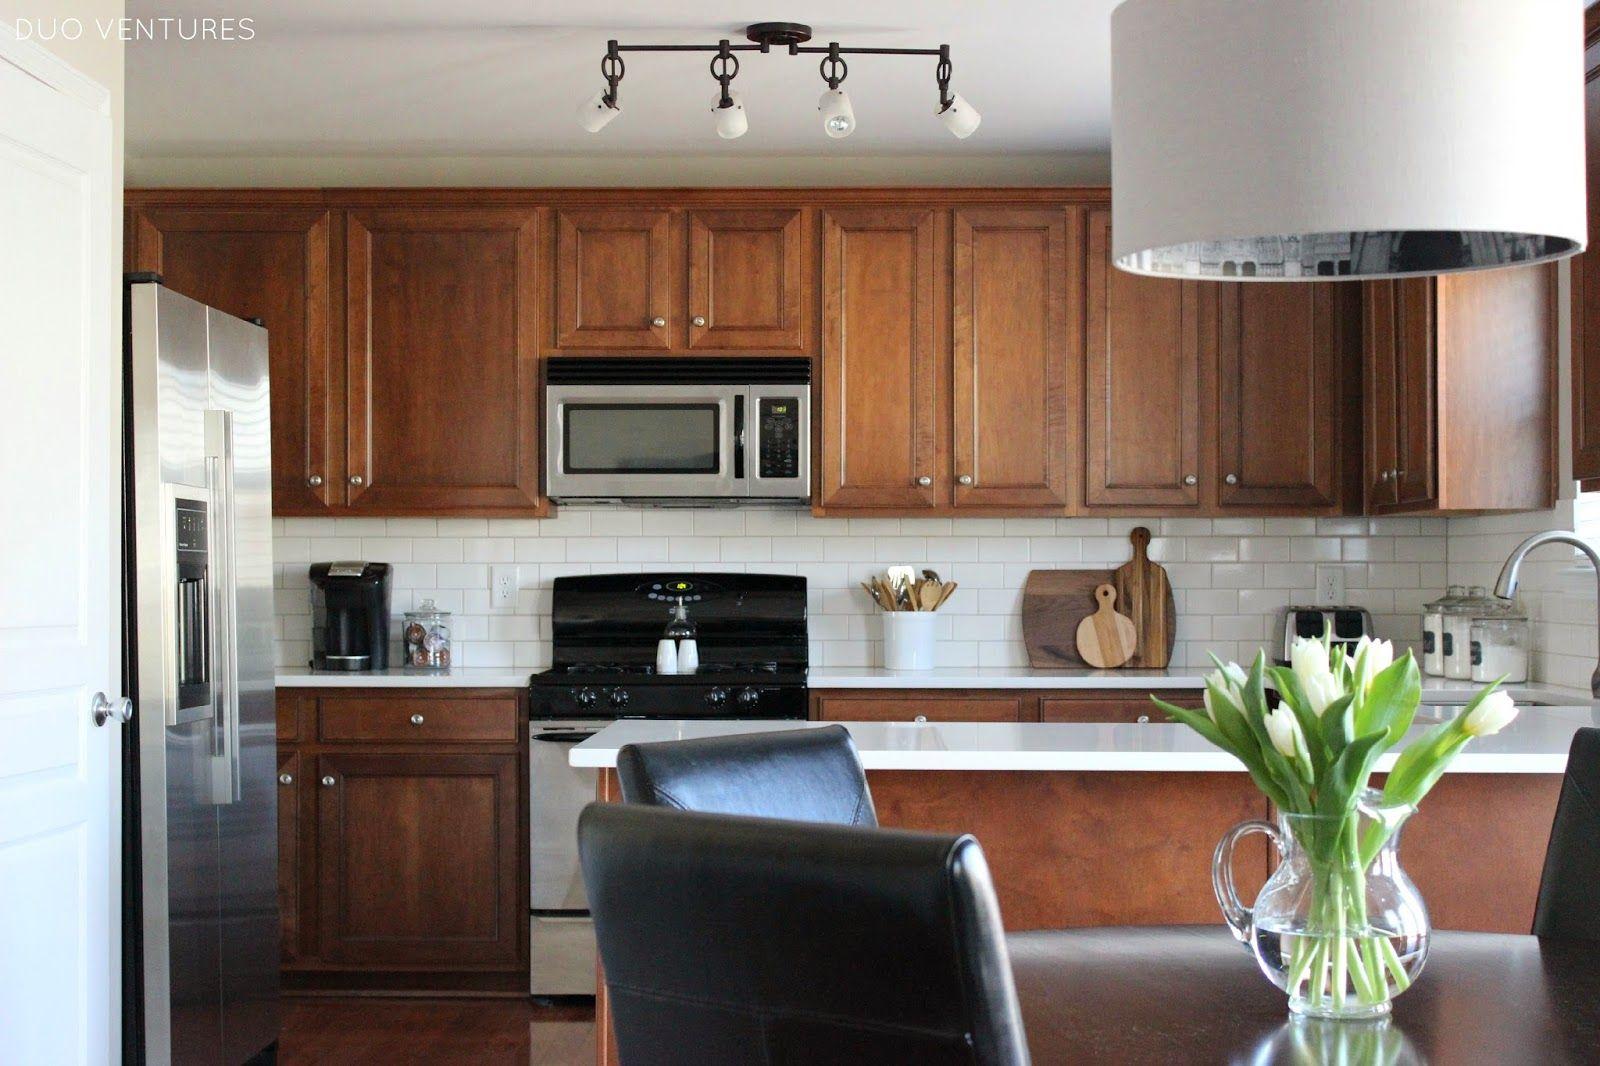 Duo Ventures Kitchen Cabinet Styles Kitchen Remodel Kitchen Design